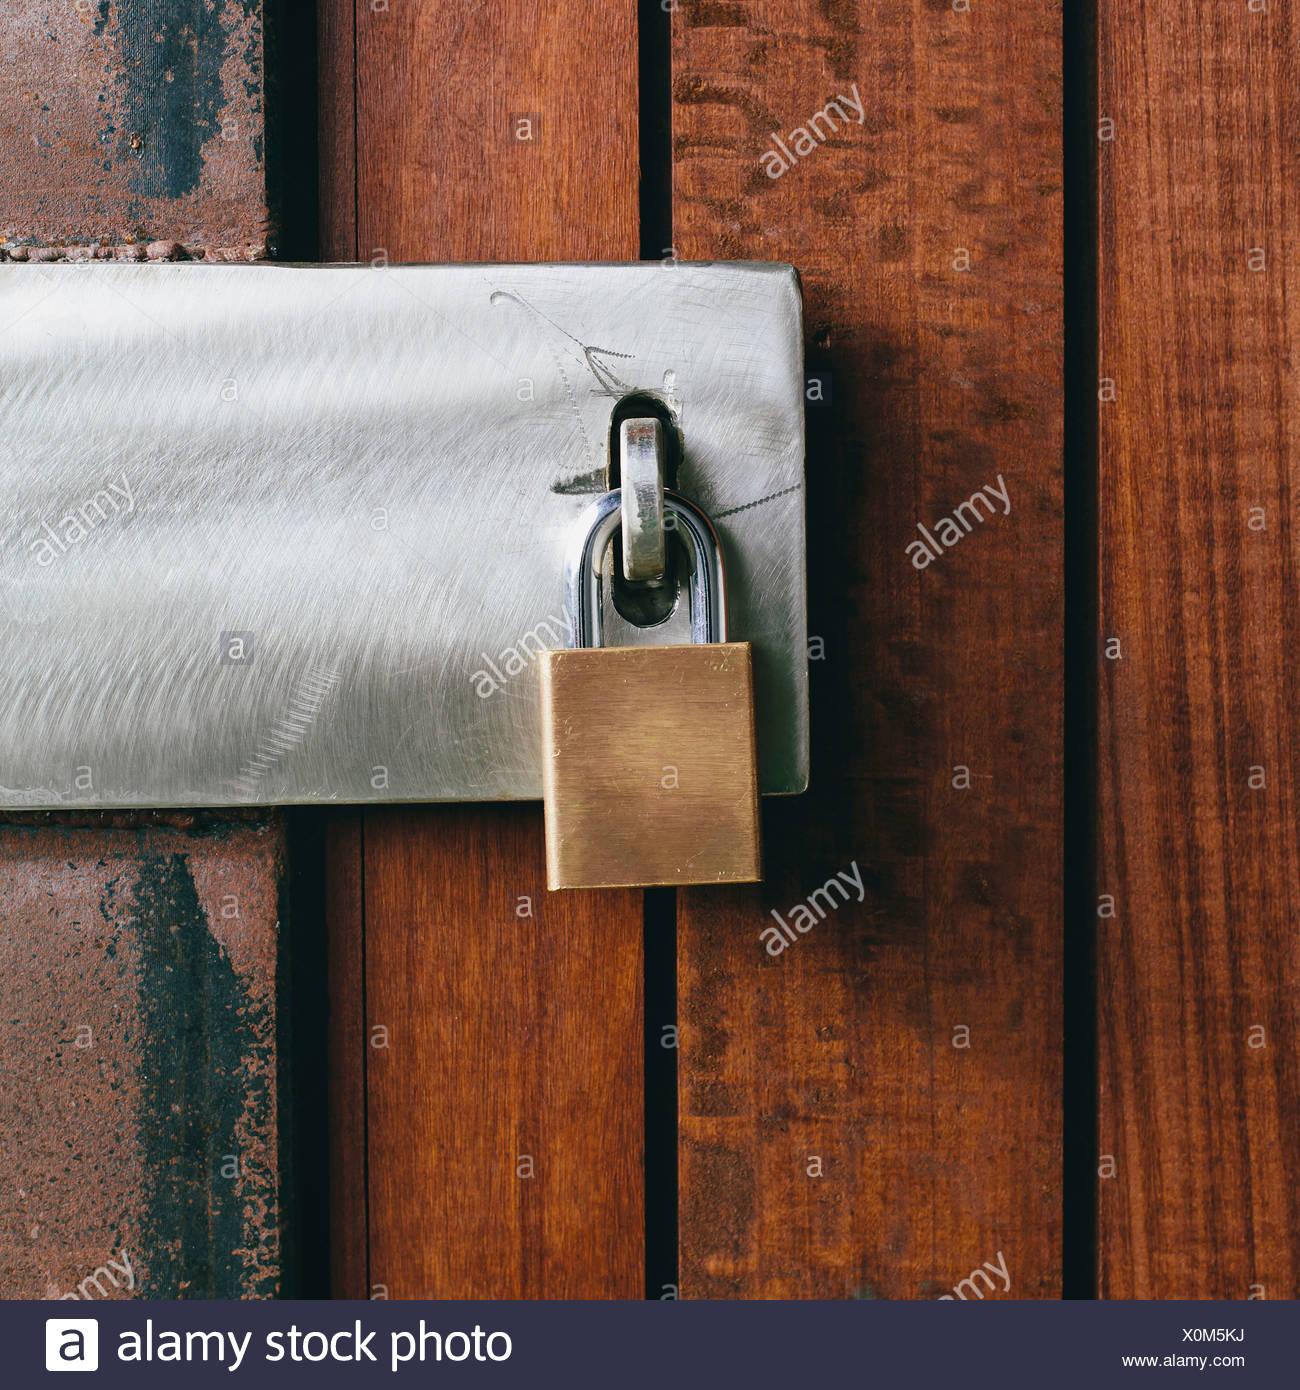 In prossimità di una porta di legno con un lucchetto. Immagini Stock